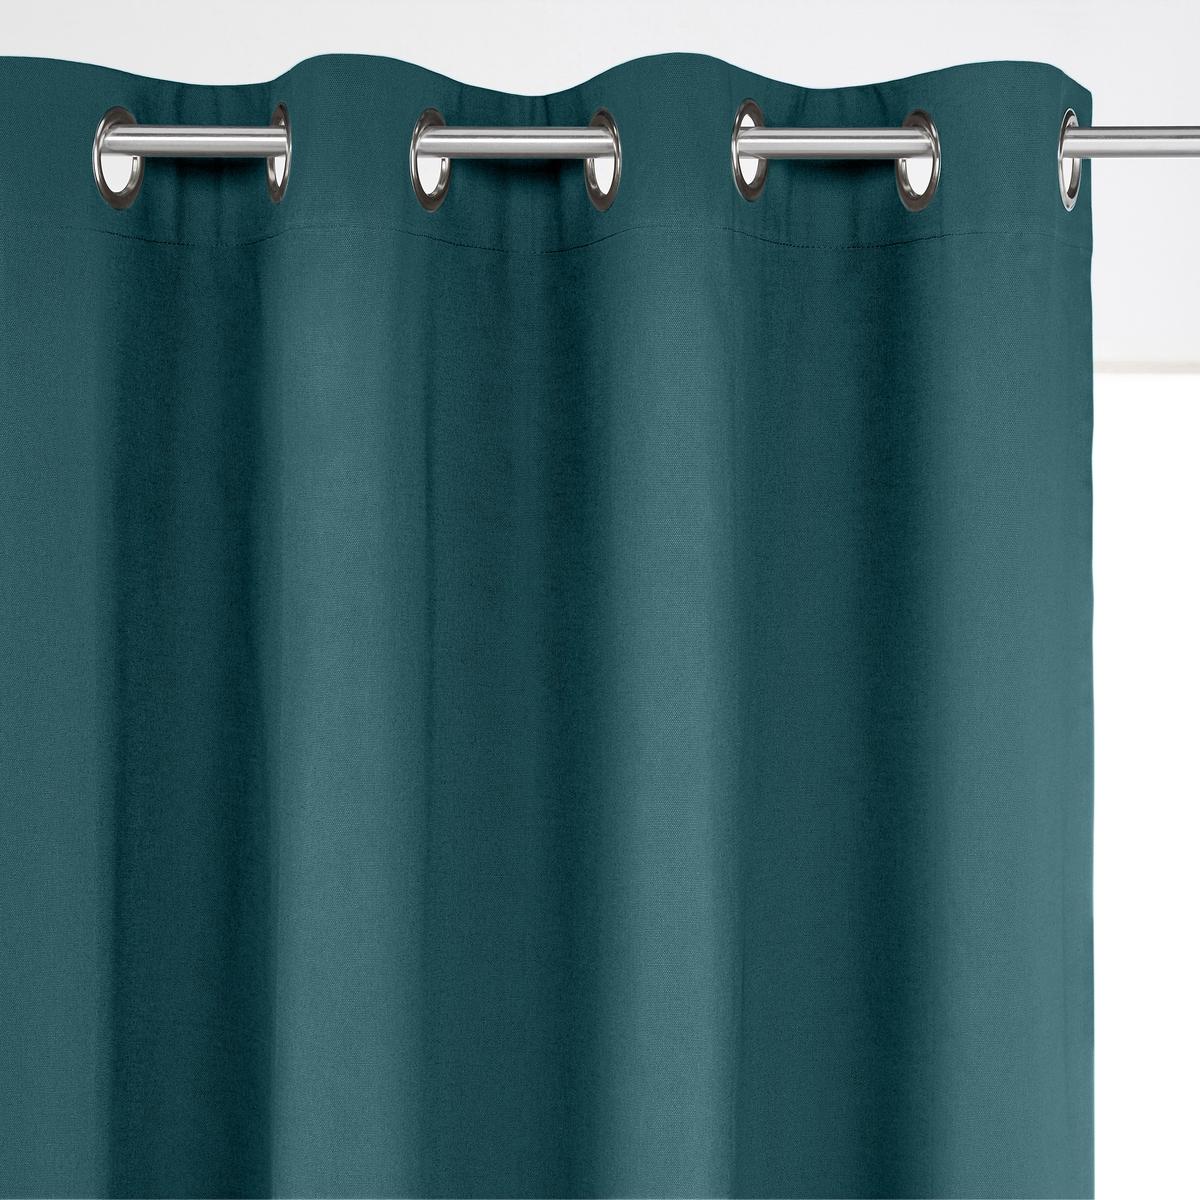 Штора затемняющая 100% хлопок с люверсамиПроизводство осуществляется с учетом стандартов по защите окружающей среды и здоровья человека, что подтверждено сертификатом Oeko-tex®.                                  Размеры:               - 180 x 135 см                - 260 x 135 см          - 350 x 135 см<br><br>Цвет: вишневый,серо-коричневый,серый жемчужный,сине-зеленый,темно-серый